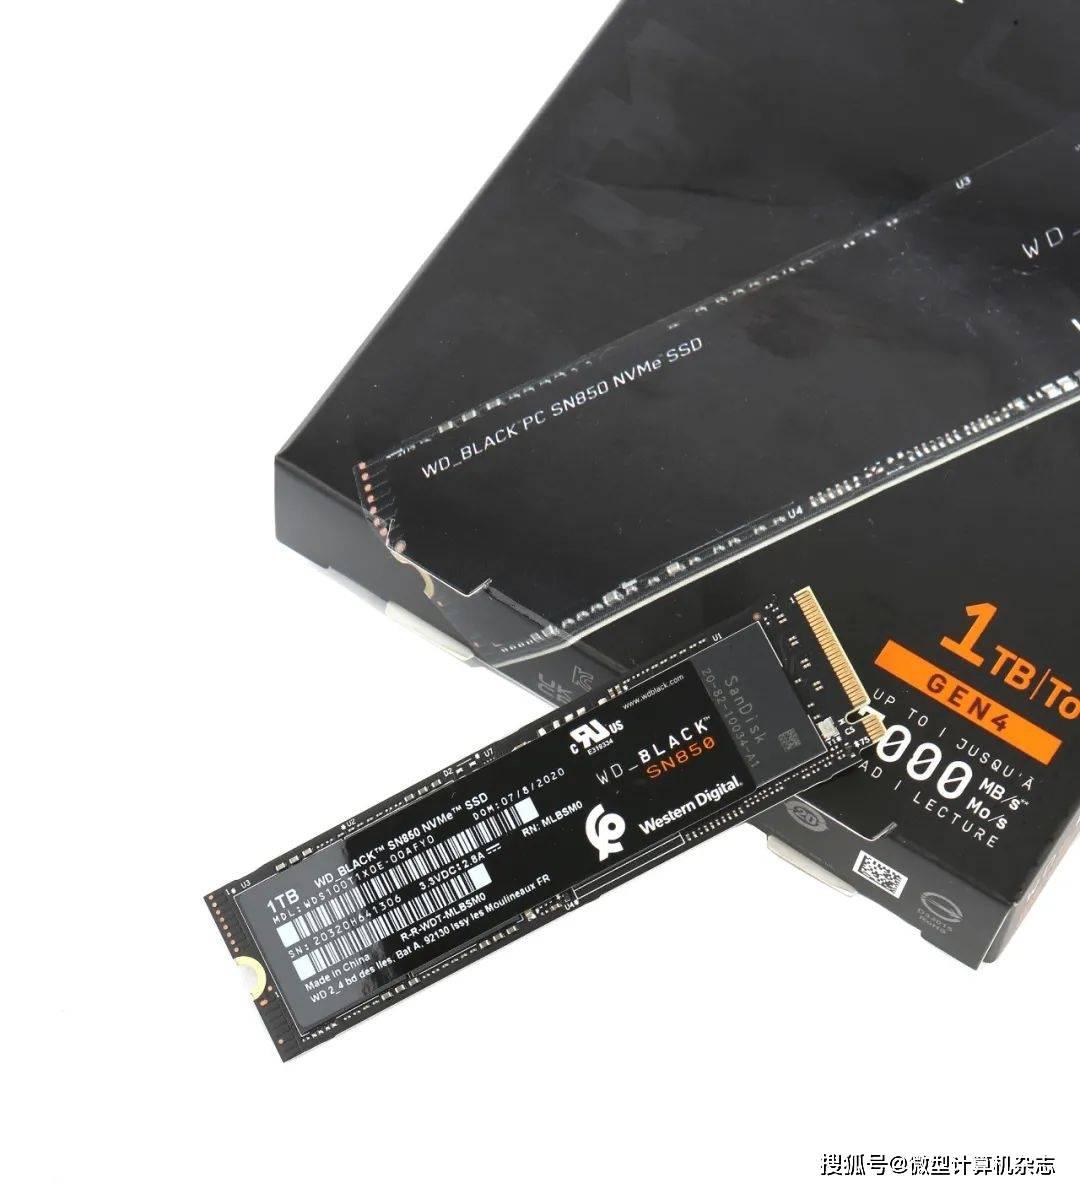 原始速度超过7000MB/s!WD_BLACK首次PCIe 4.0 SSD SN850深度测试